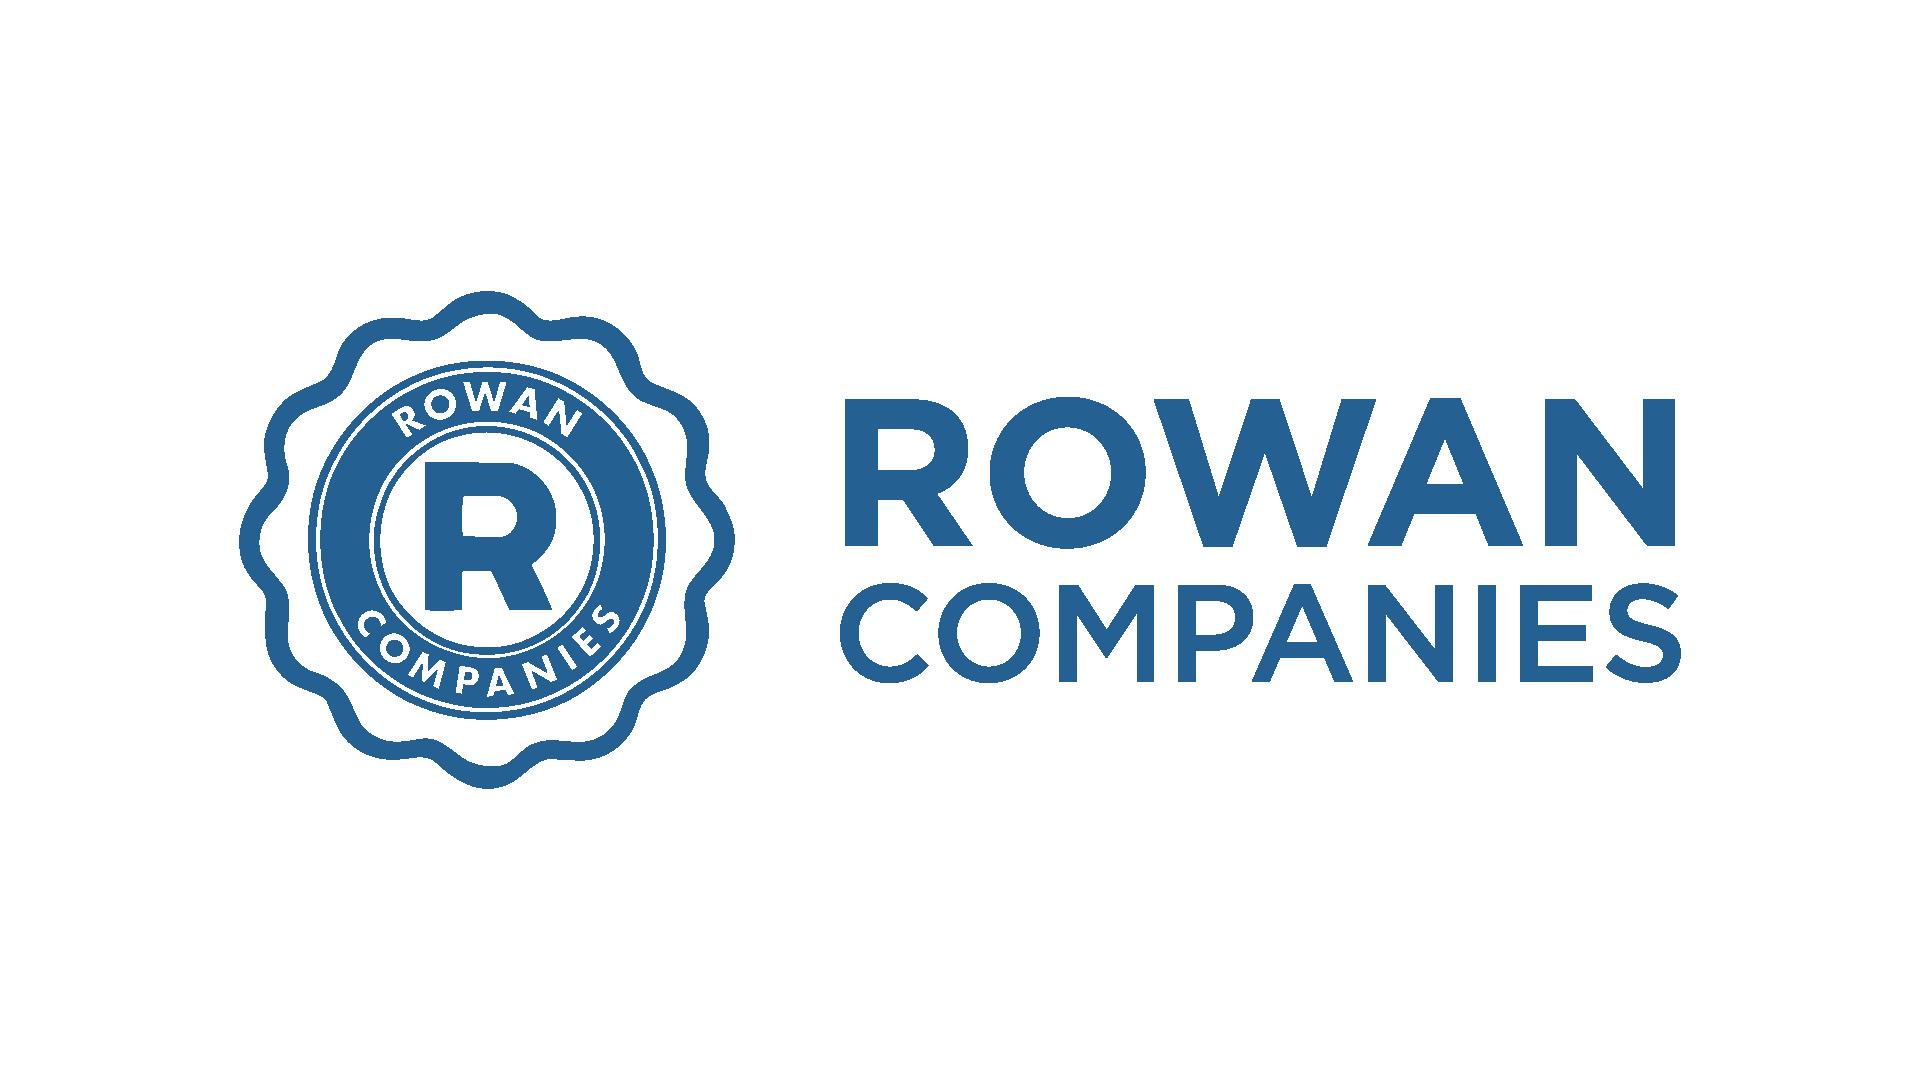 Αποτέλεσμα εικόνας για rowan companies logo